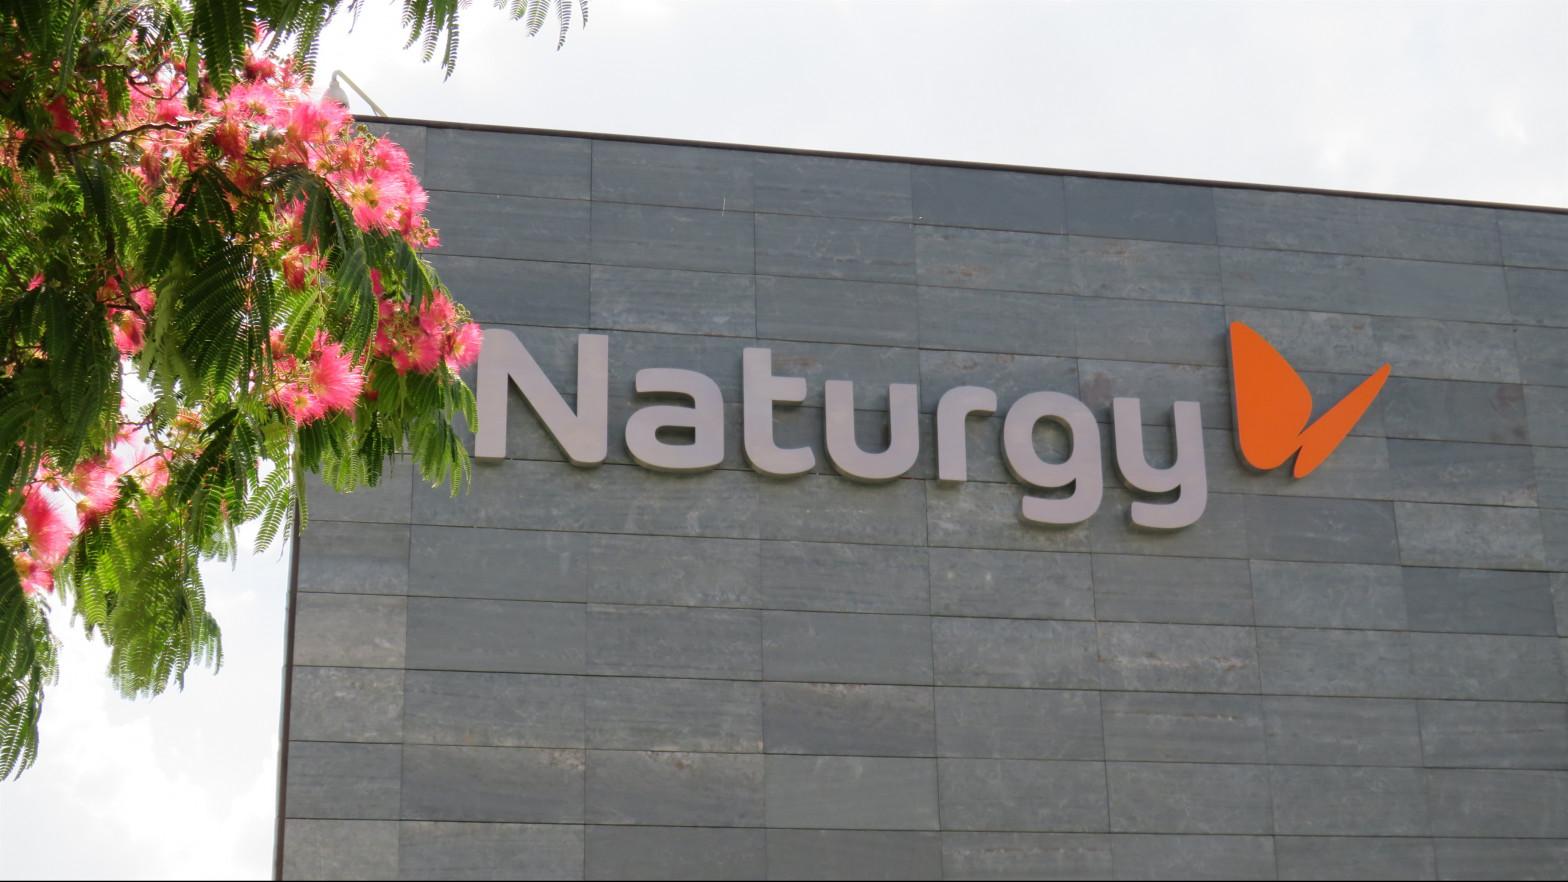 La Justicia catalana anula la sanción de 500.000 euros a Naturgy por el caso de muerte anciana